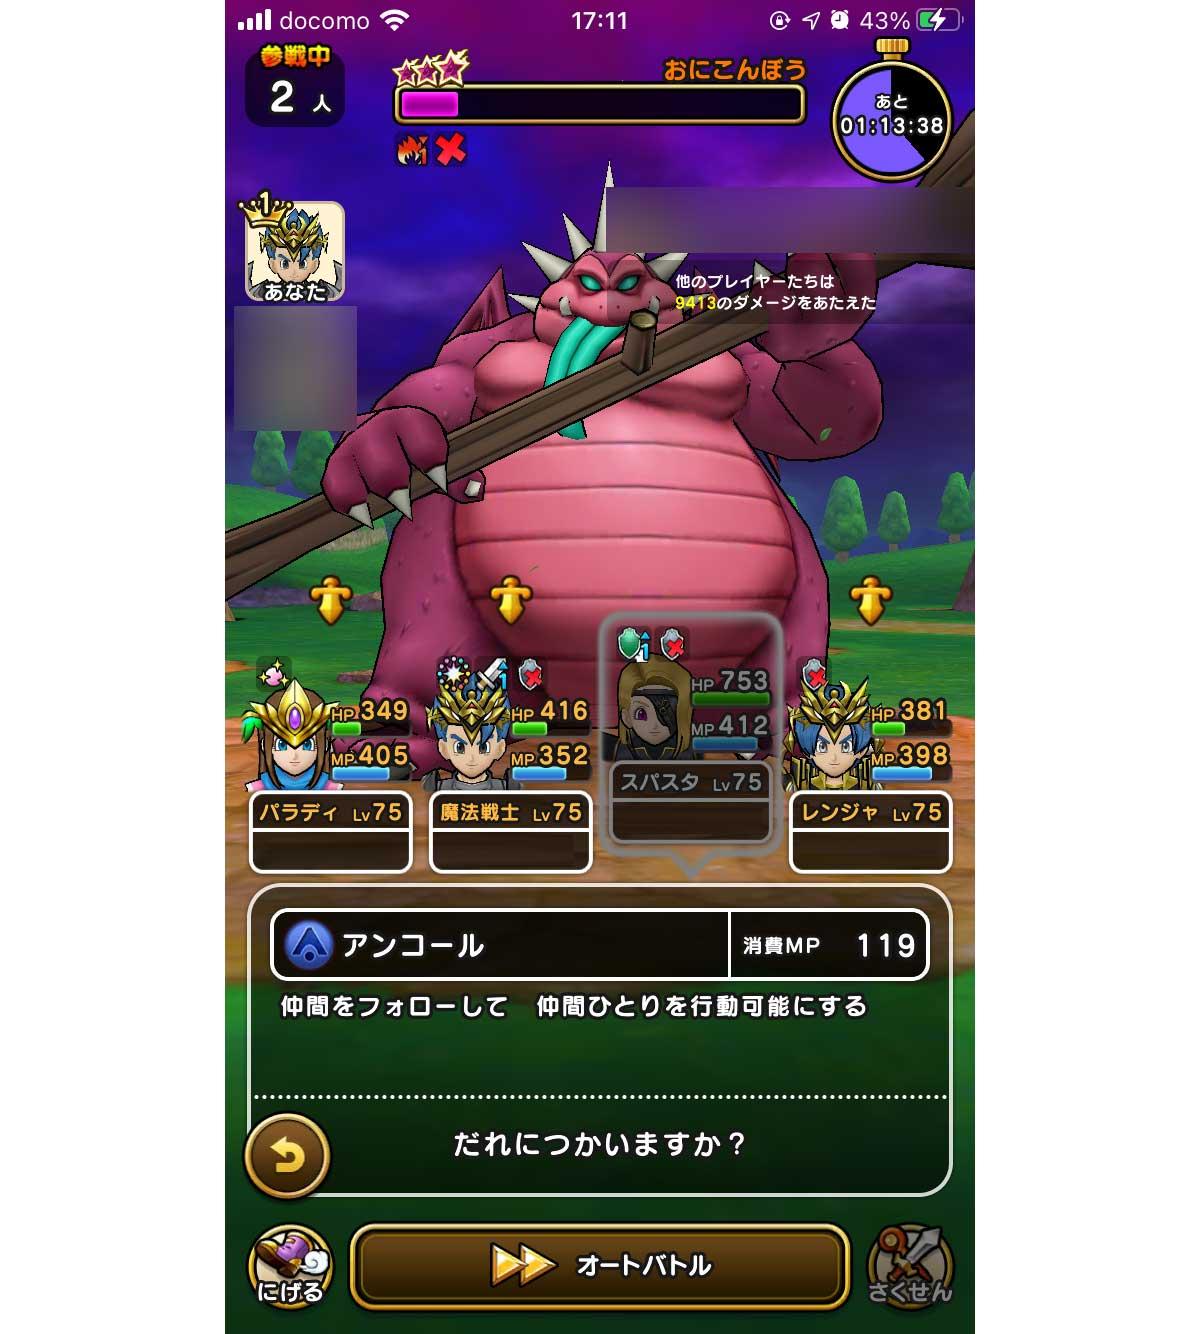 おにこんぼうに勝てない人への安定攻略法!スーパースターをメガモン戦に活用しフルオートで鬼棍棒を倒そうう! dragonquest-walk-onikonbo-img_5828